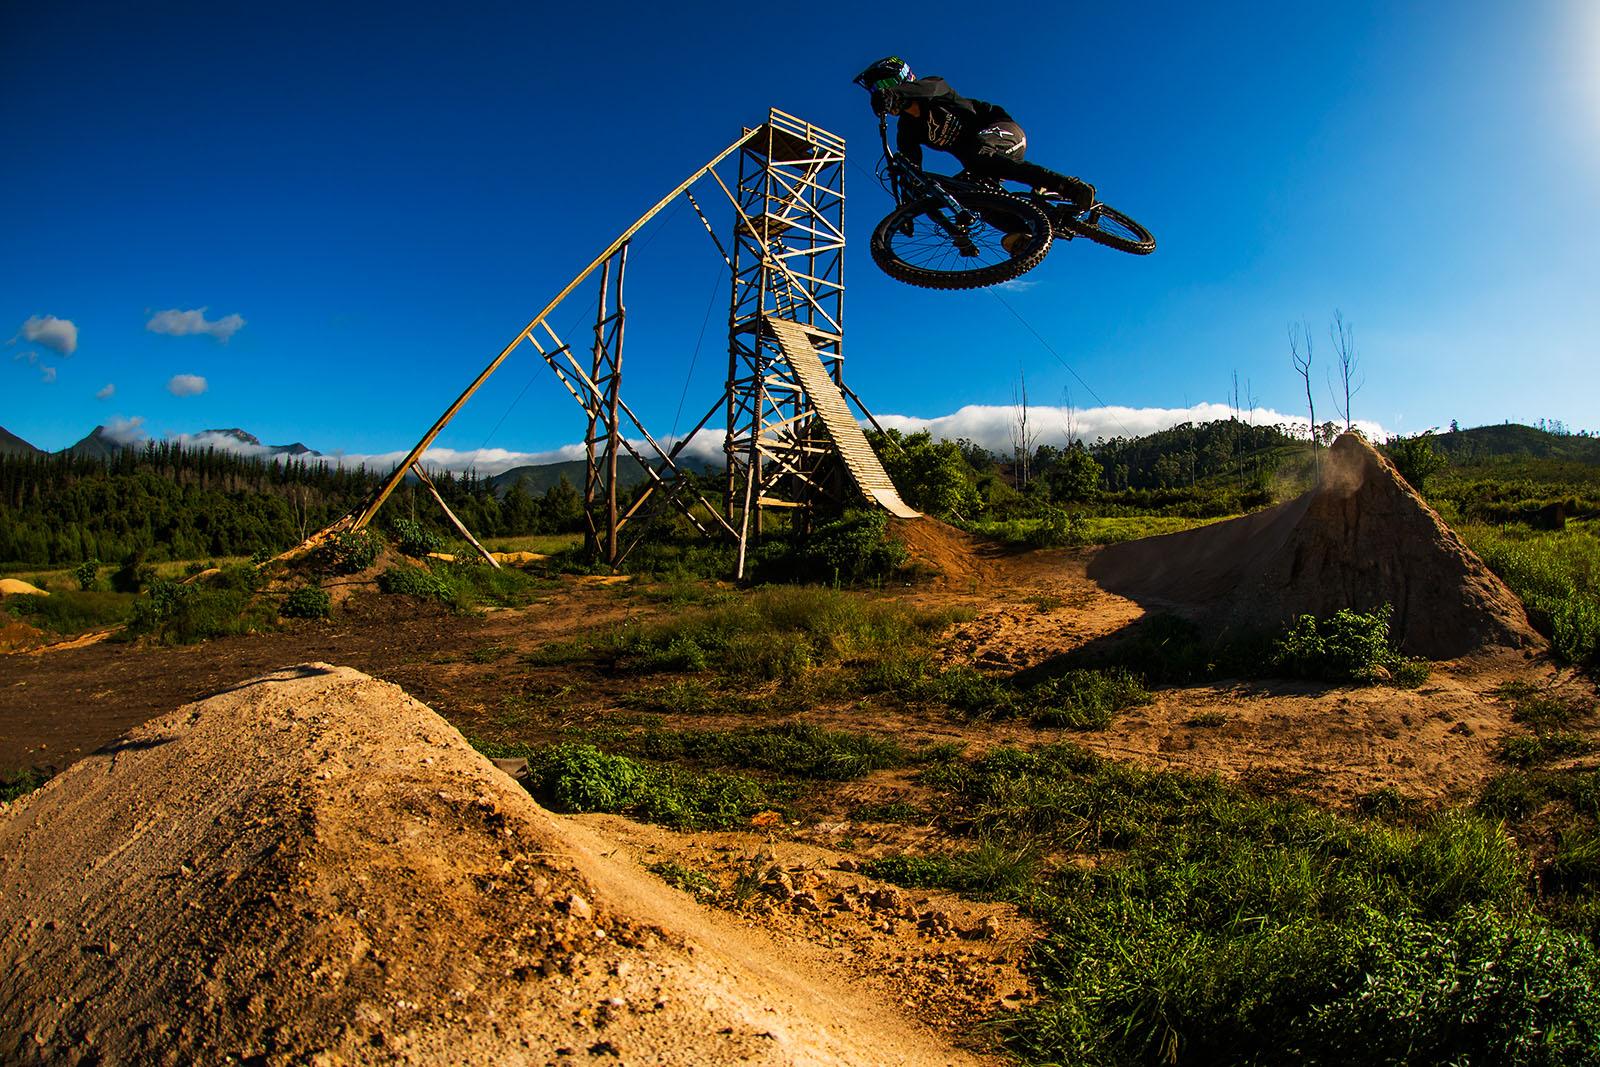 Mountain Biking: Monster Energy Presents DarkFest, Showcases Highest Jumps In The World